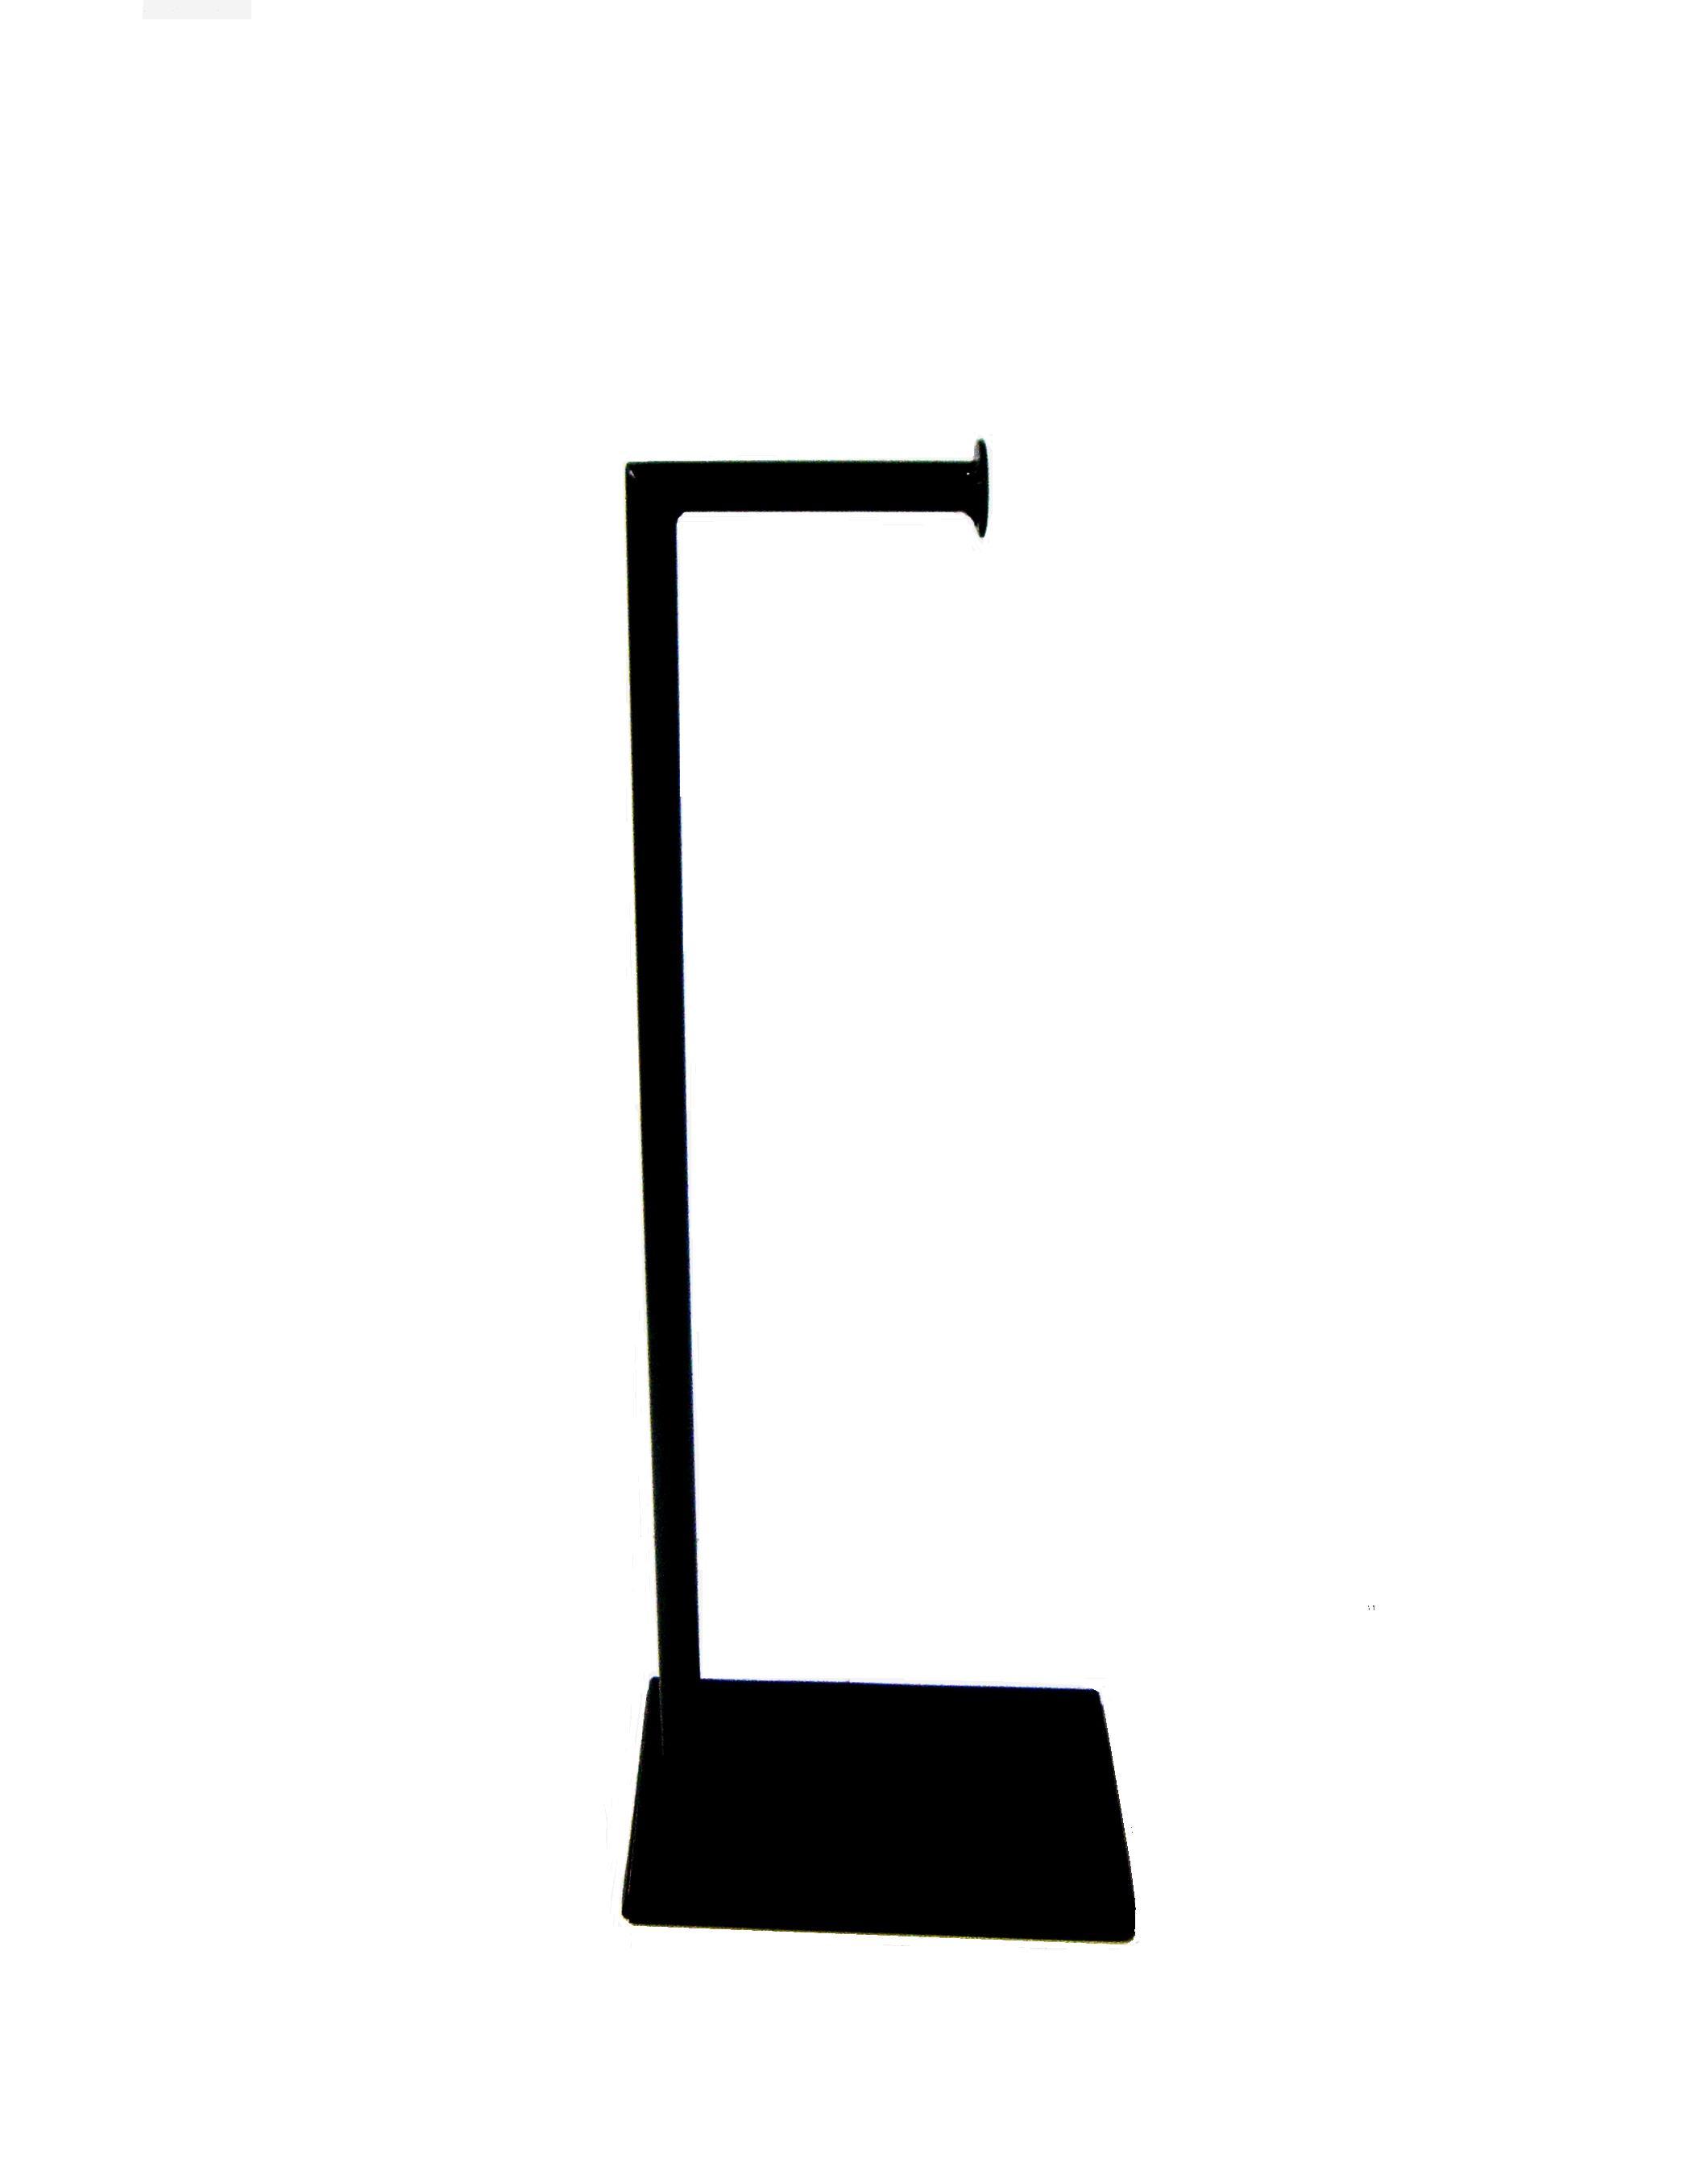 Βάση για Χαρτί Τουαλέτας Σιδερένια - OEM - 3-vasi_black μπανιο αξεσουάρ μπάνιου